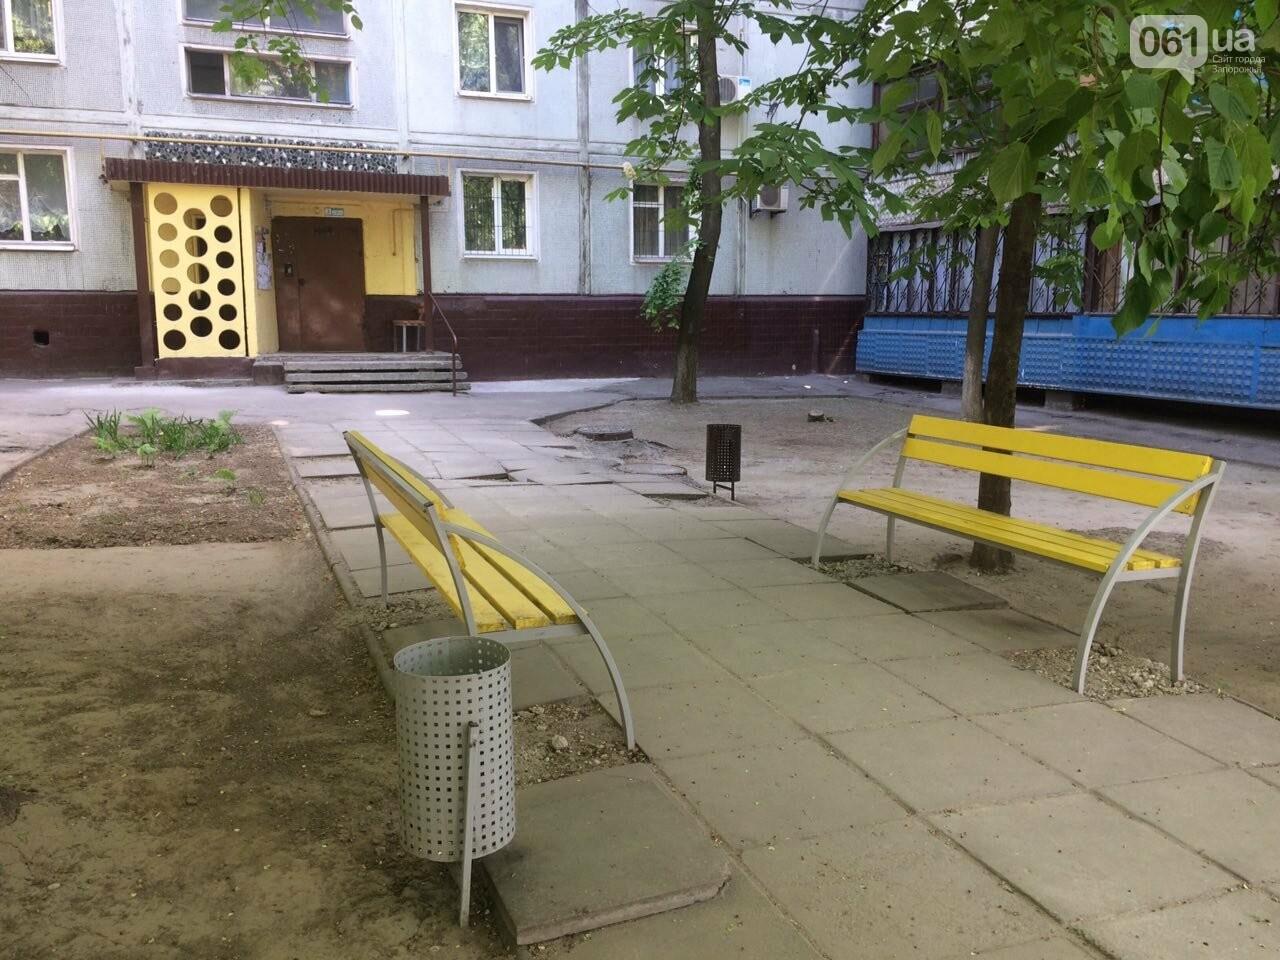 Председатель ОСМД: «С тарифами «Наш Дом Запорожье» мне не стыдно перед жильцами дома», фото-2